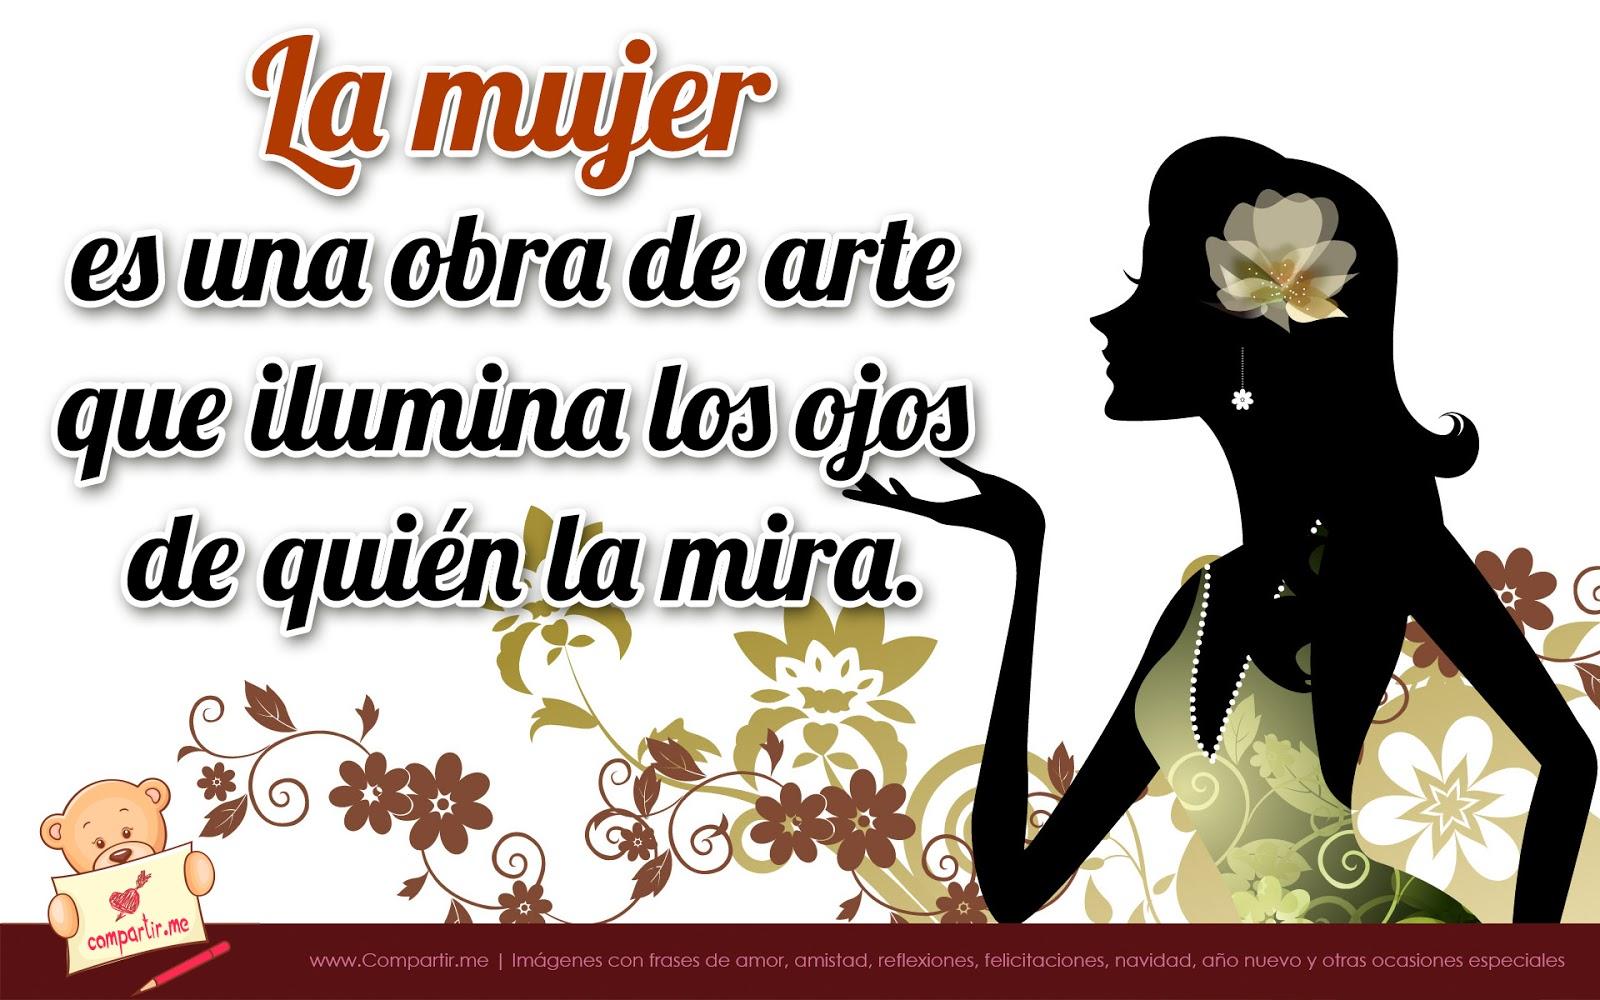 La mujer es una obra de arte que ilumina los ojos de quién la mira